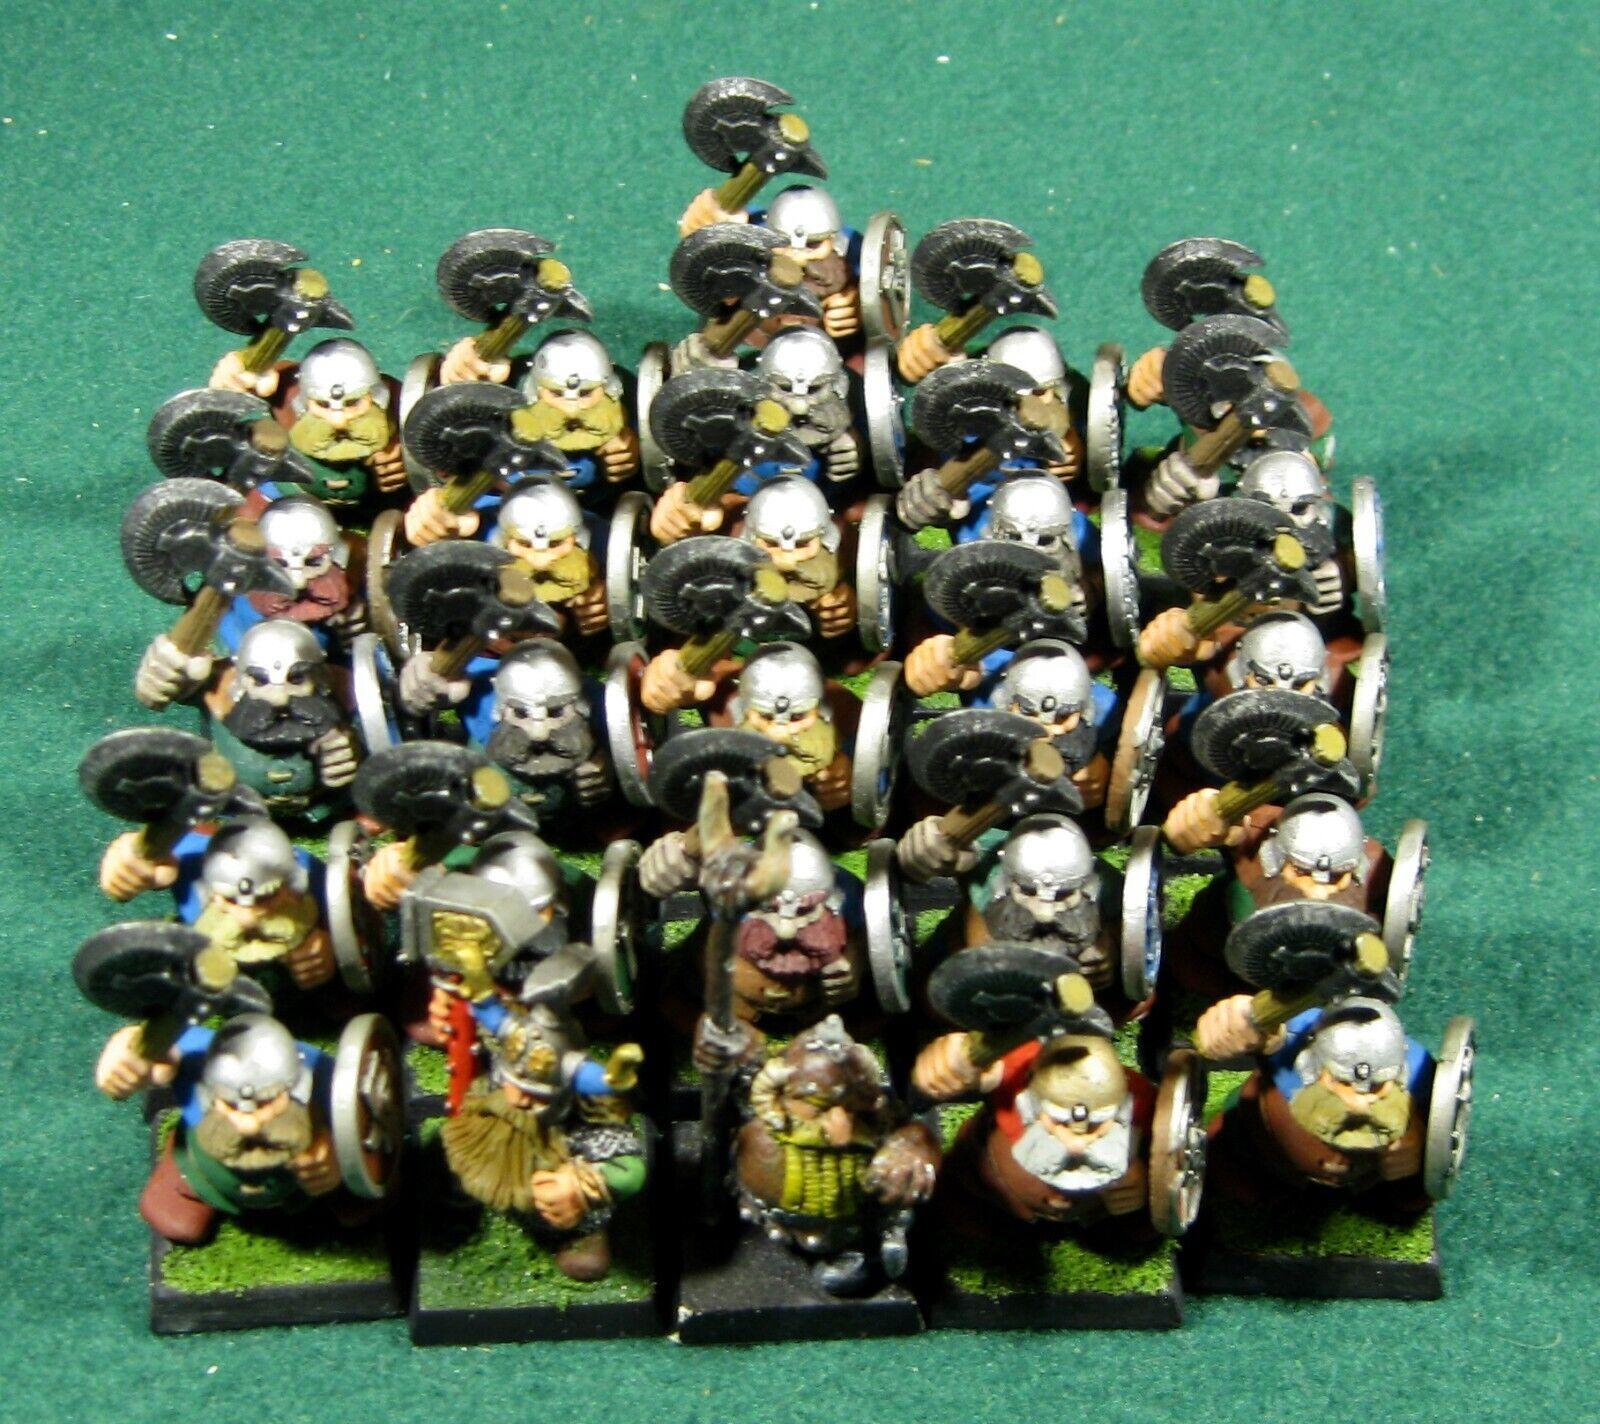 Veintiséis enanos pintados pintados pintados de plástico, estudio de juegos GW, martillo wfb, aos, OOP 5a4